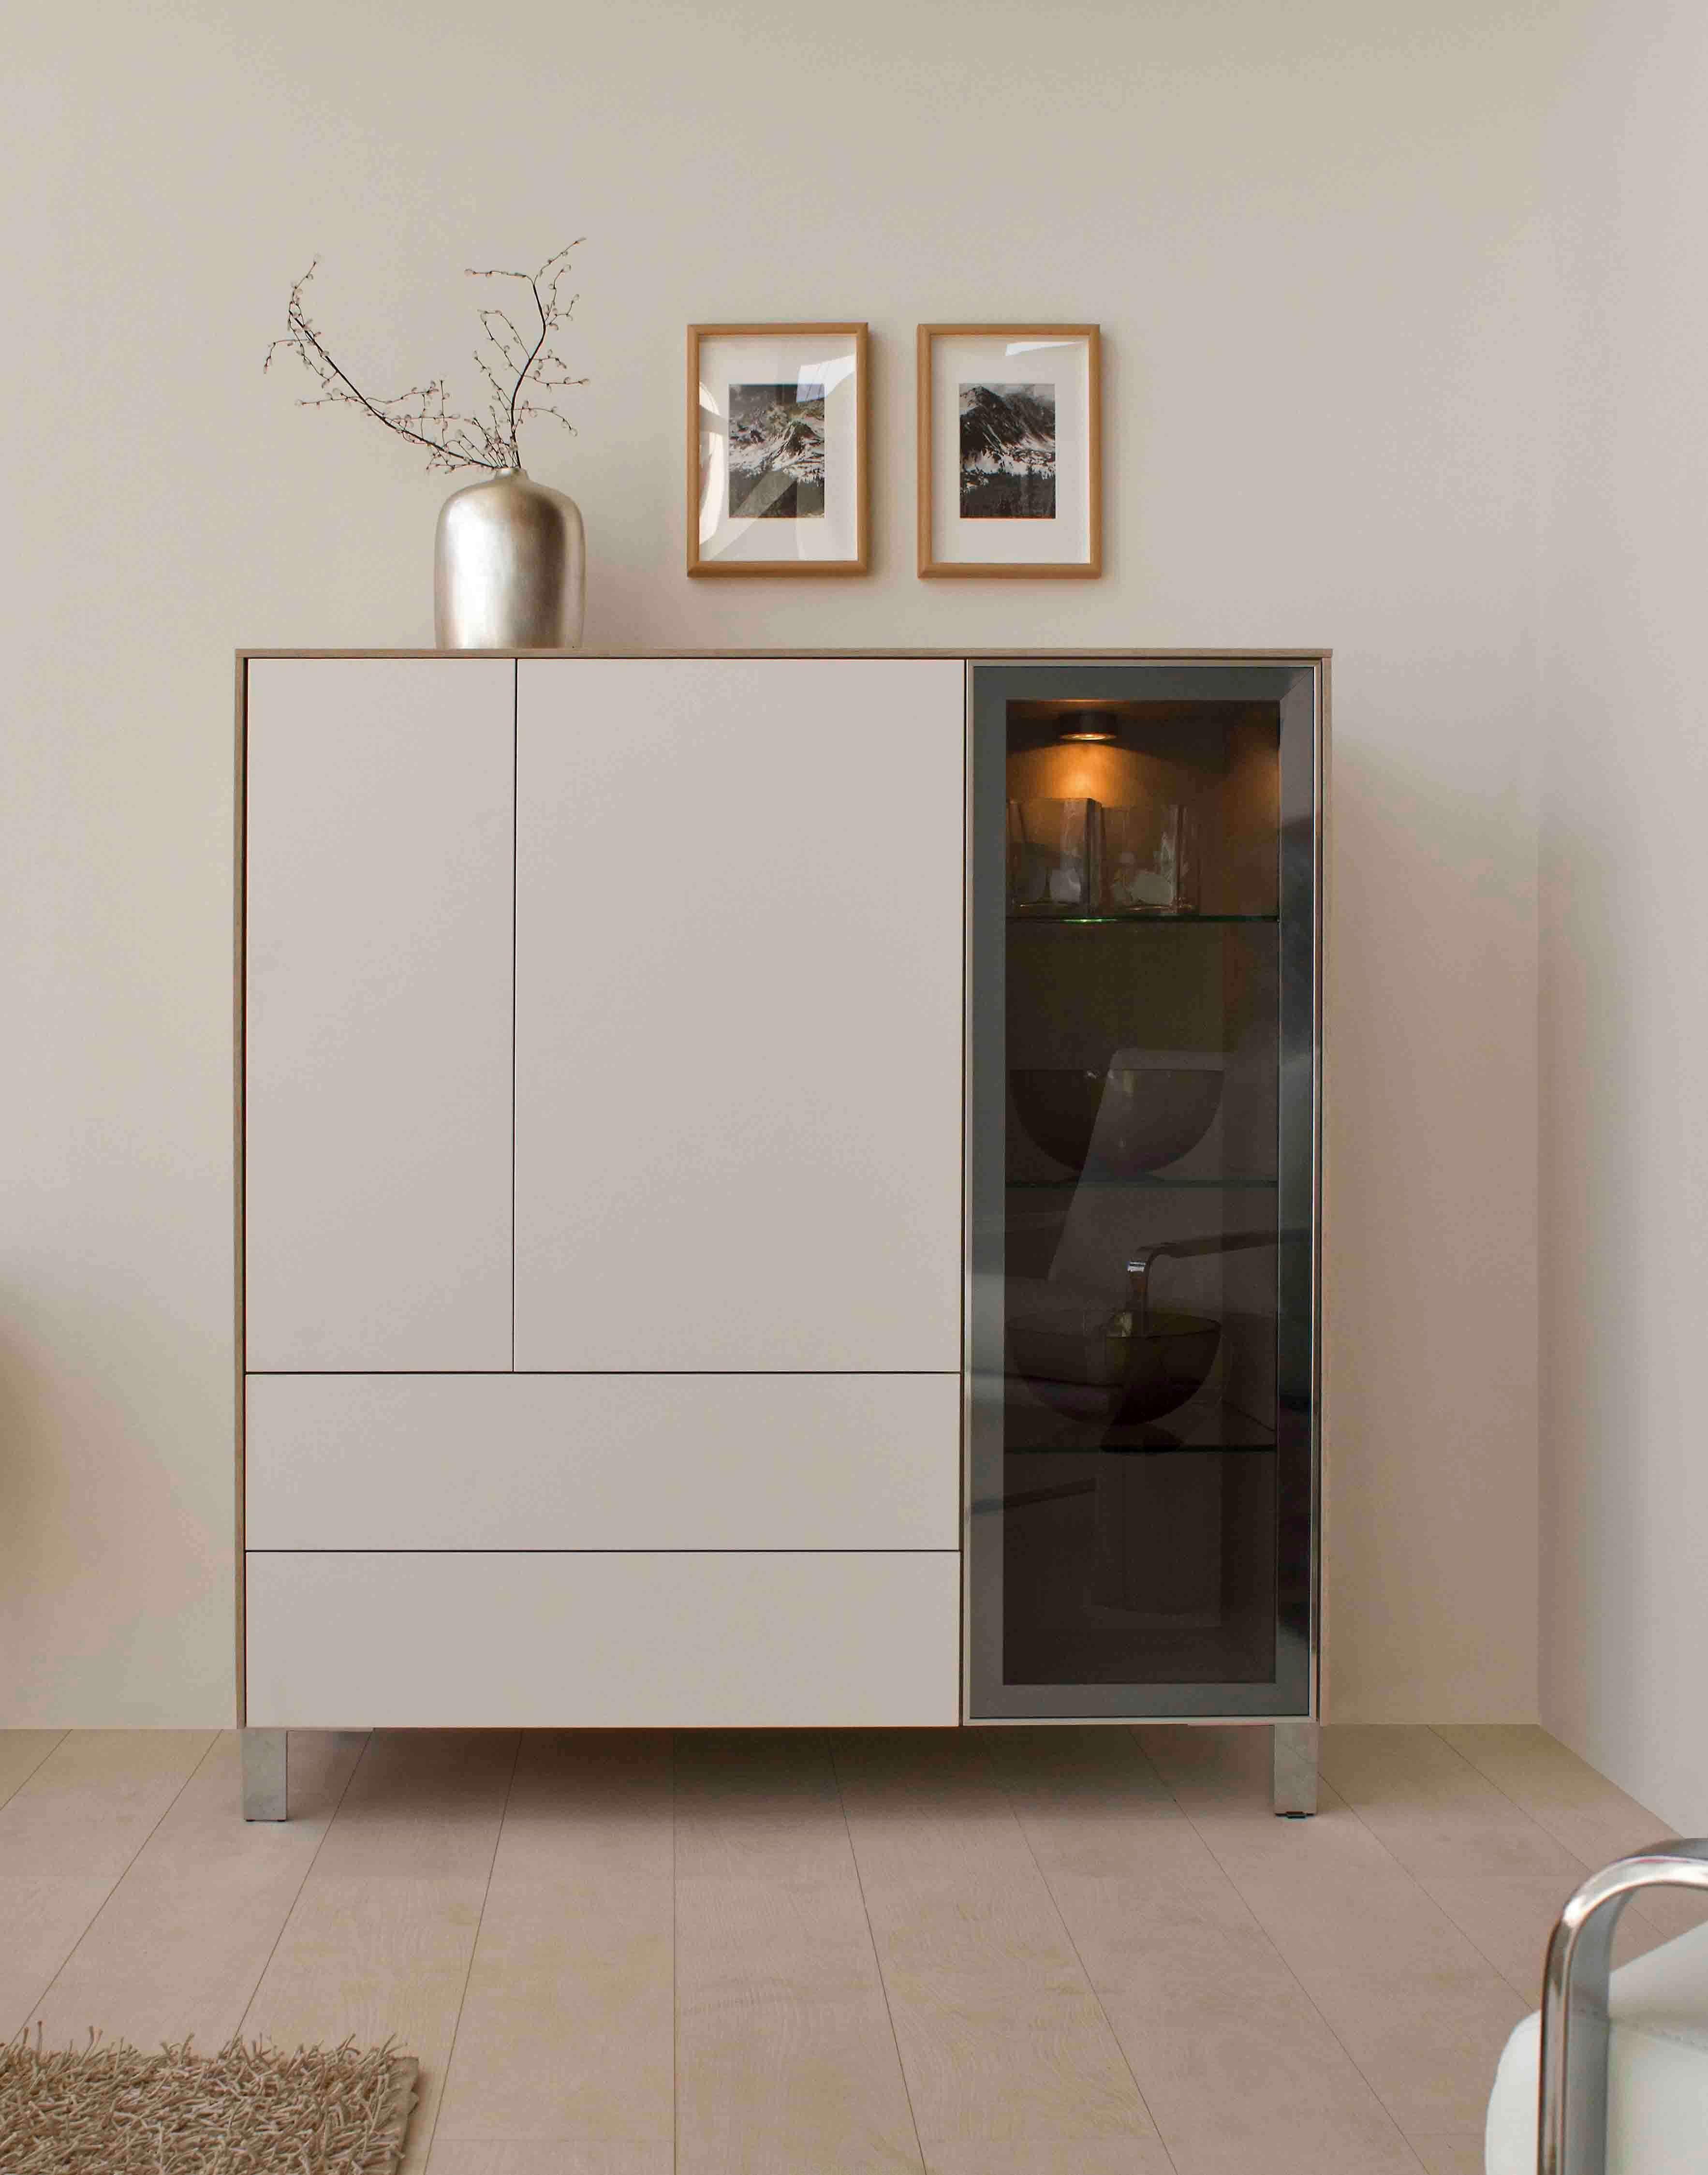 esszimmer-schrank, klein-möbel, klassische möbel-design